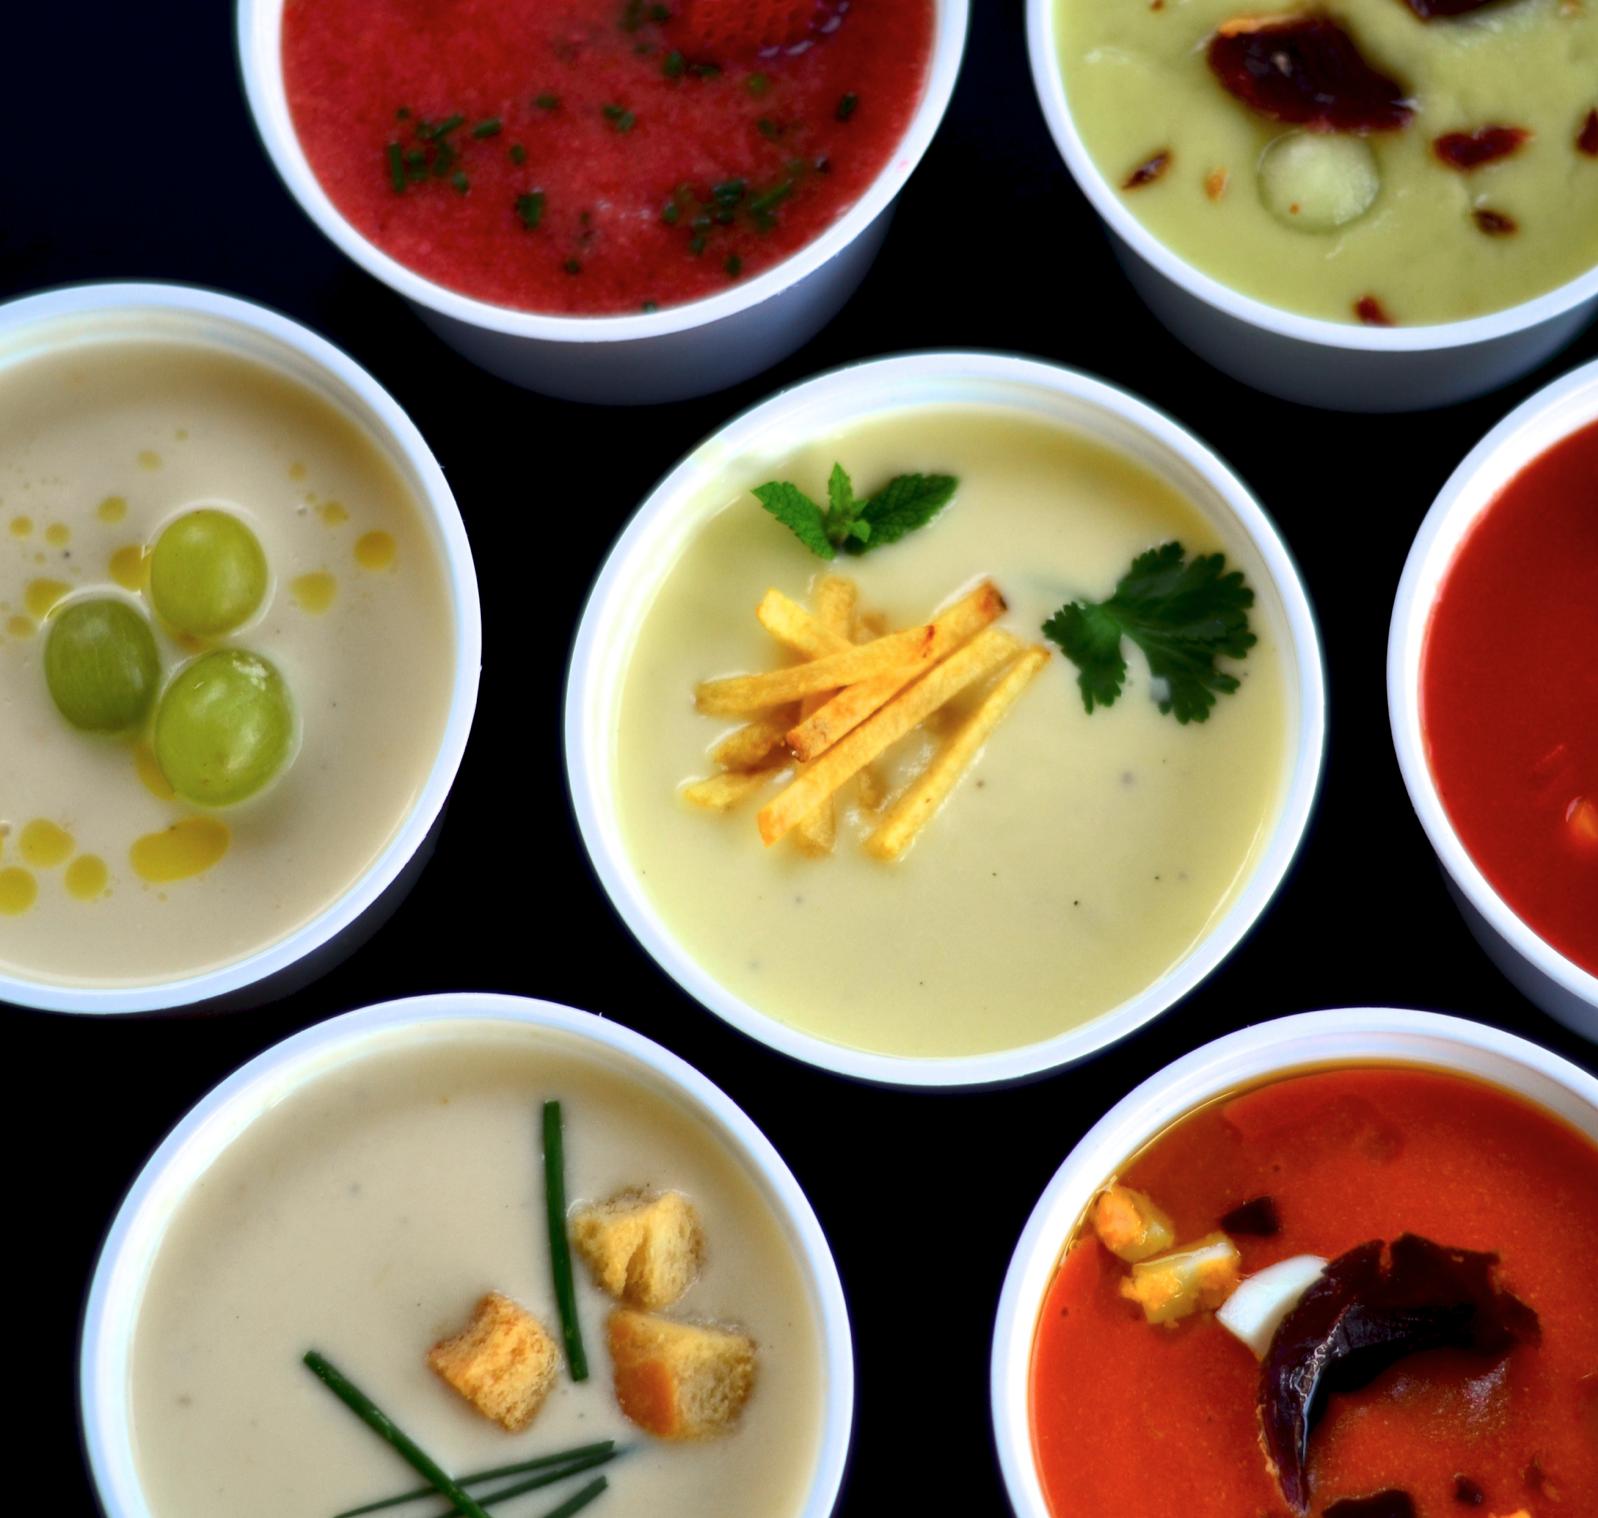 Affordable Premium Fast Food - Ofrecemos platos de cuchara, con cuidados ingredientes y elaboración casera, lo que se traduce en una calidad percibida muy superior al sector de los take away, donde el precio penaliza la calidad.